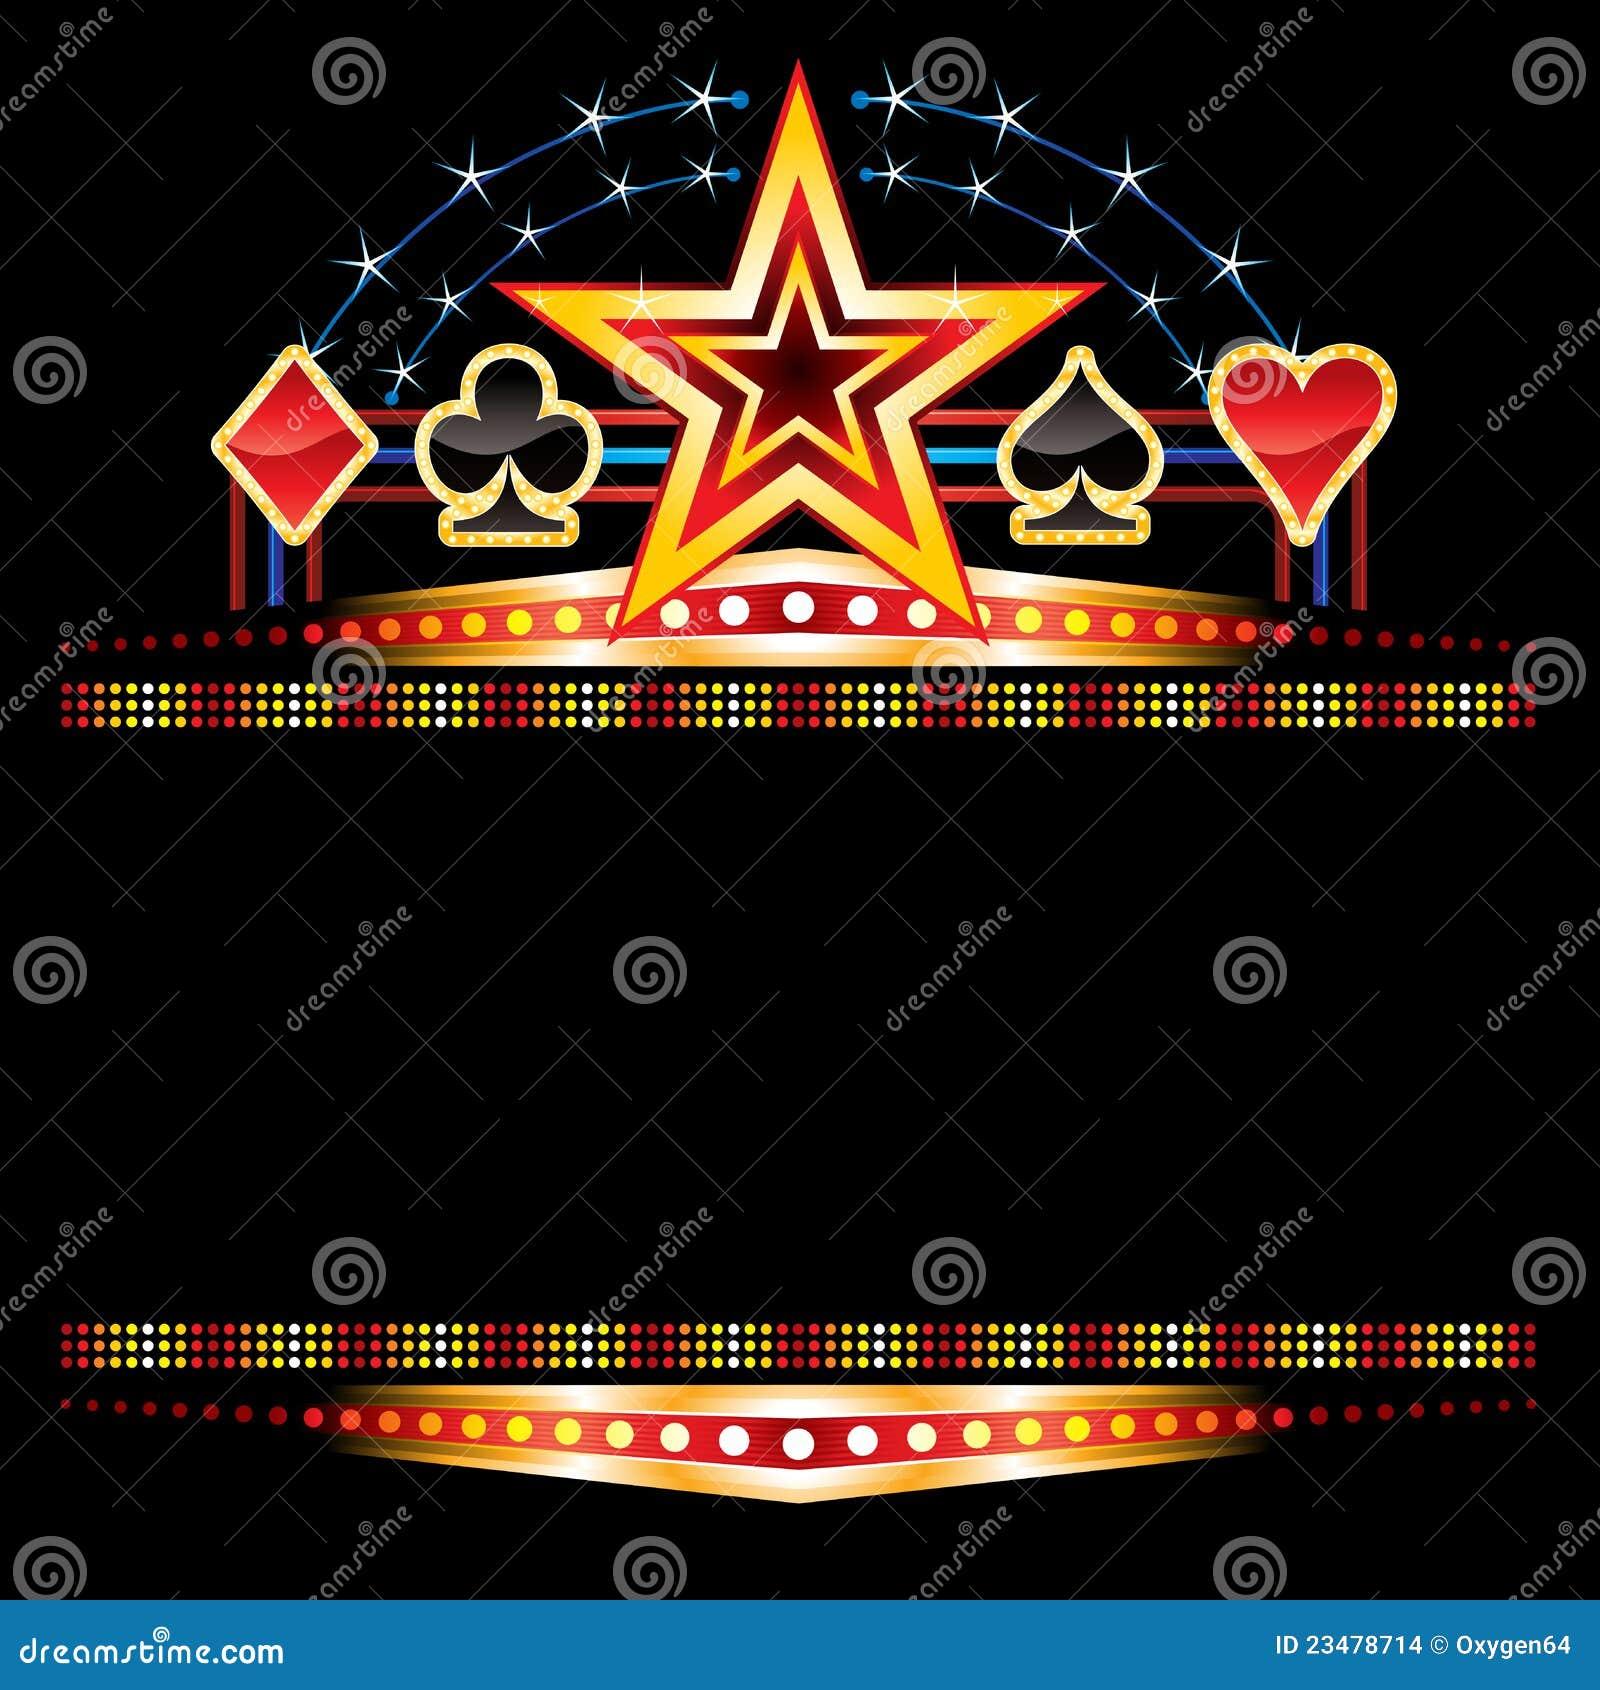 Neon casino gaming